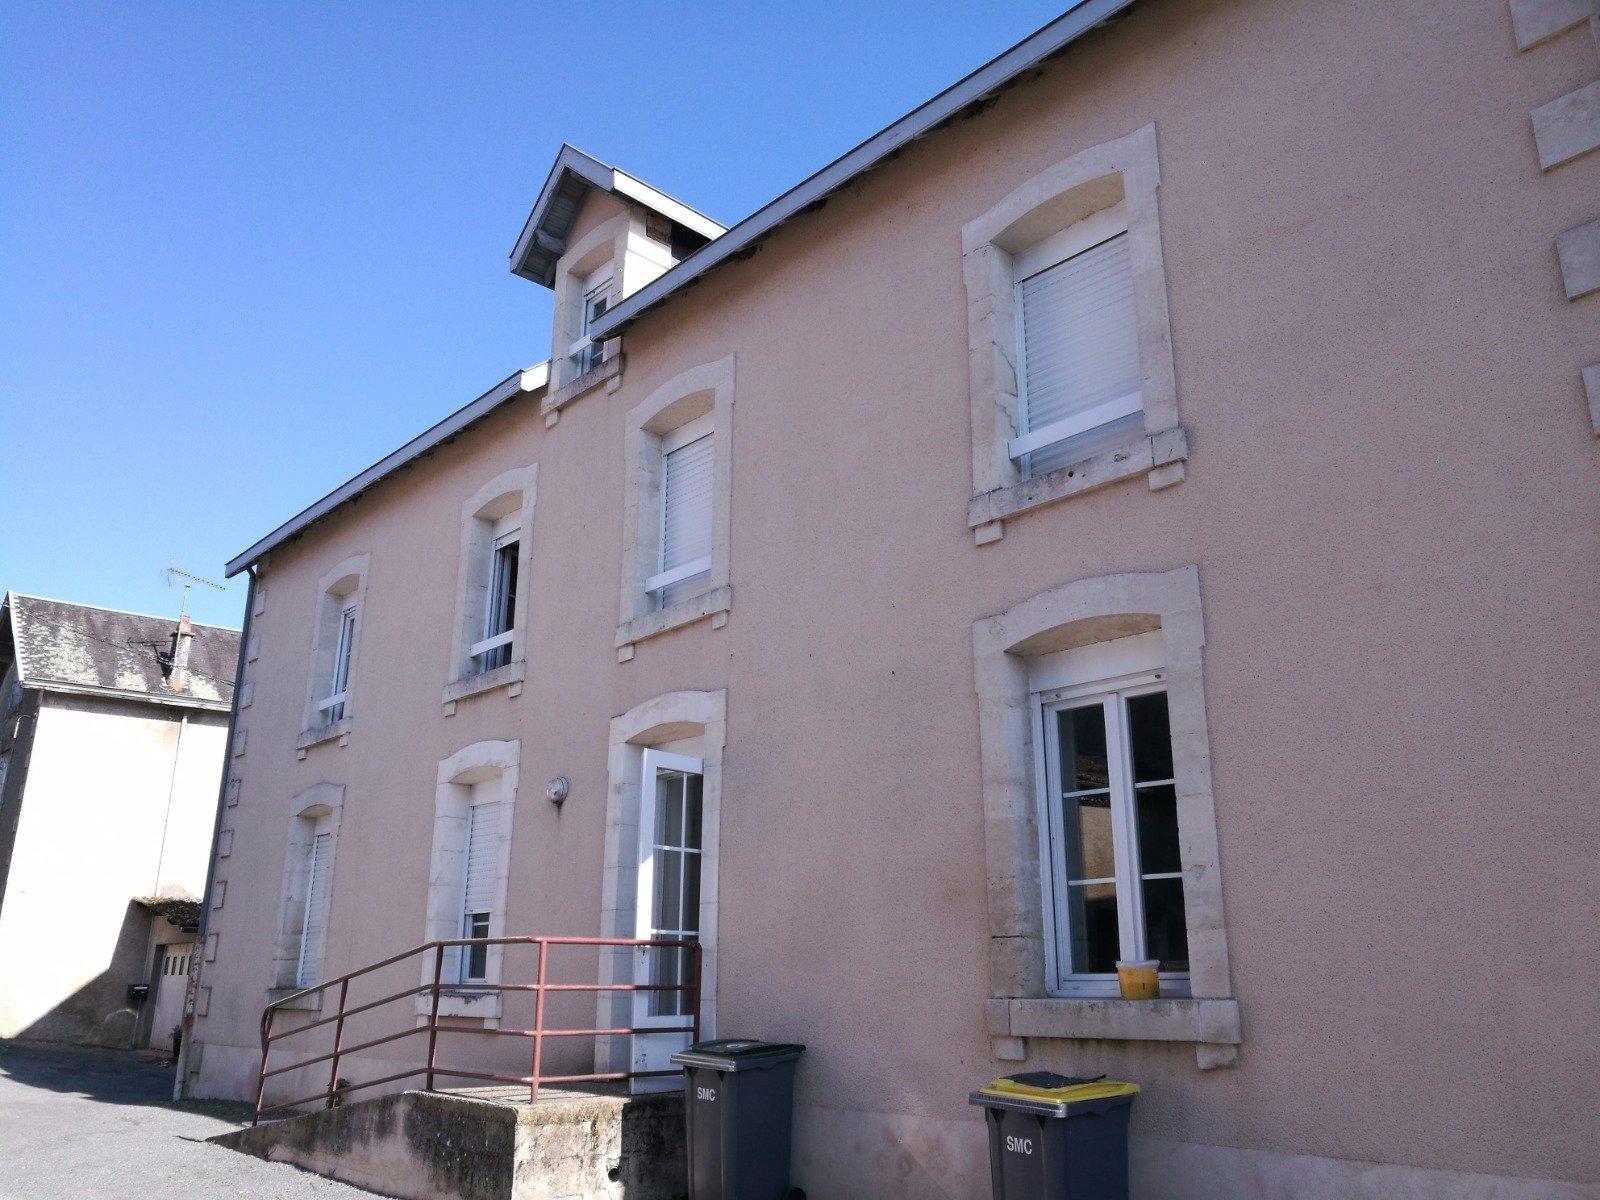 Achat-Vente-Immeuble-Poitou-Charentes-DEUX SEVRES-Verruyes